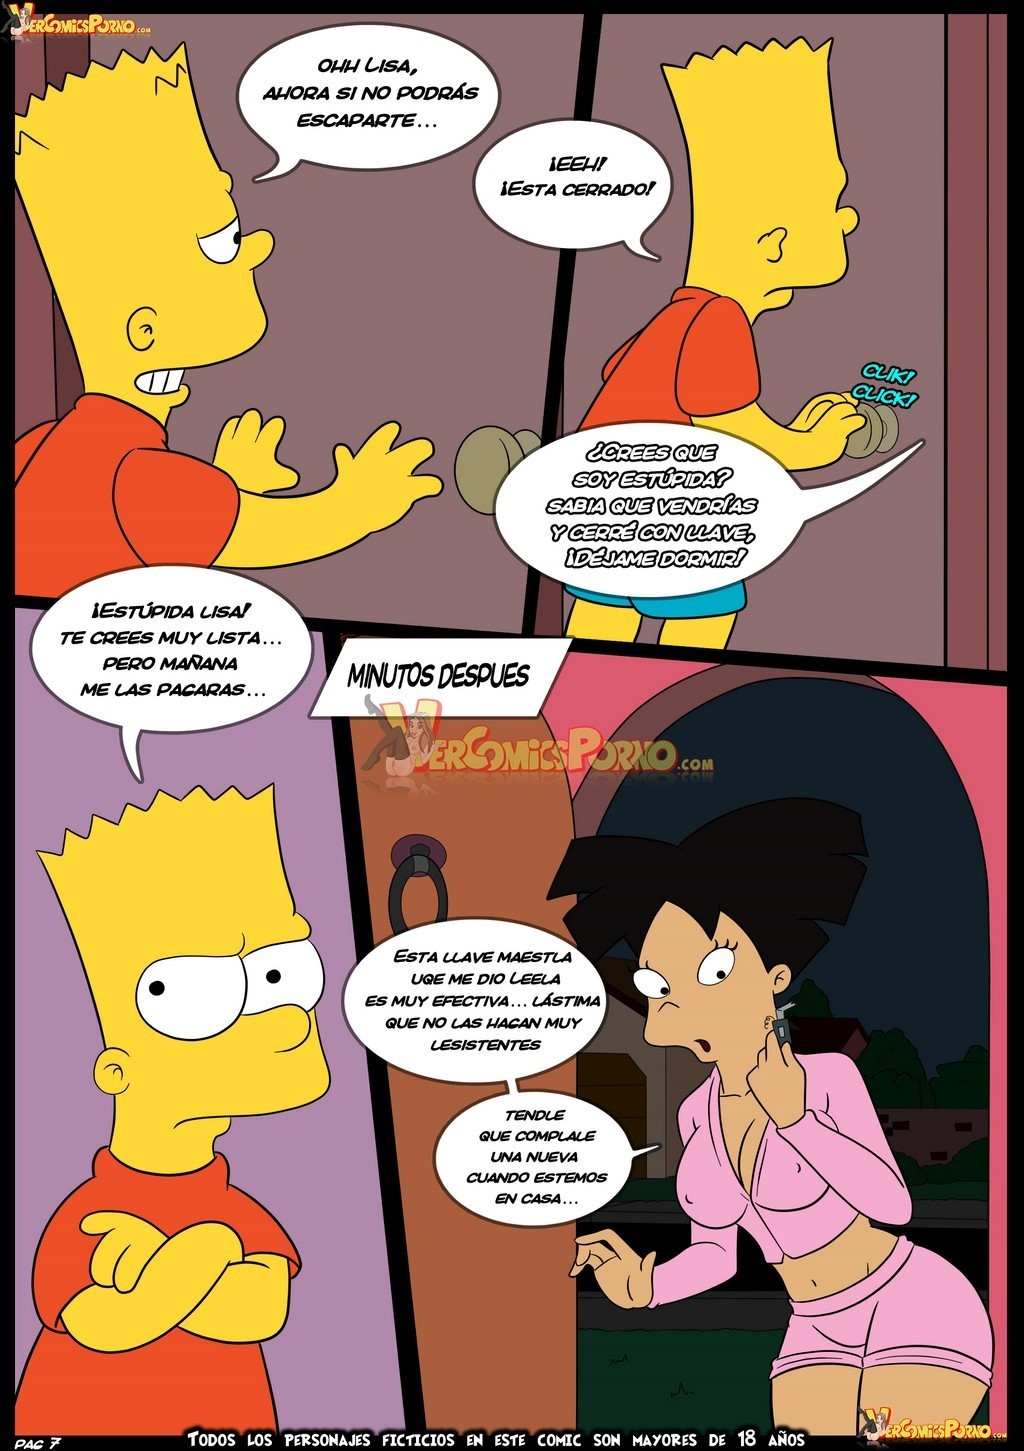 SimpsoRama-08.jpg comic porno